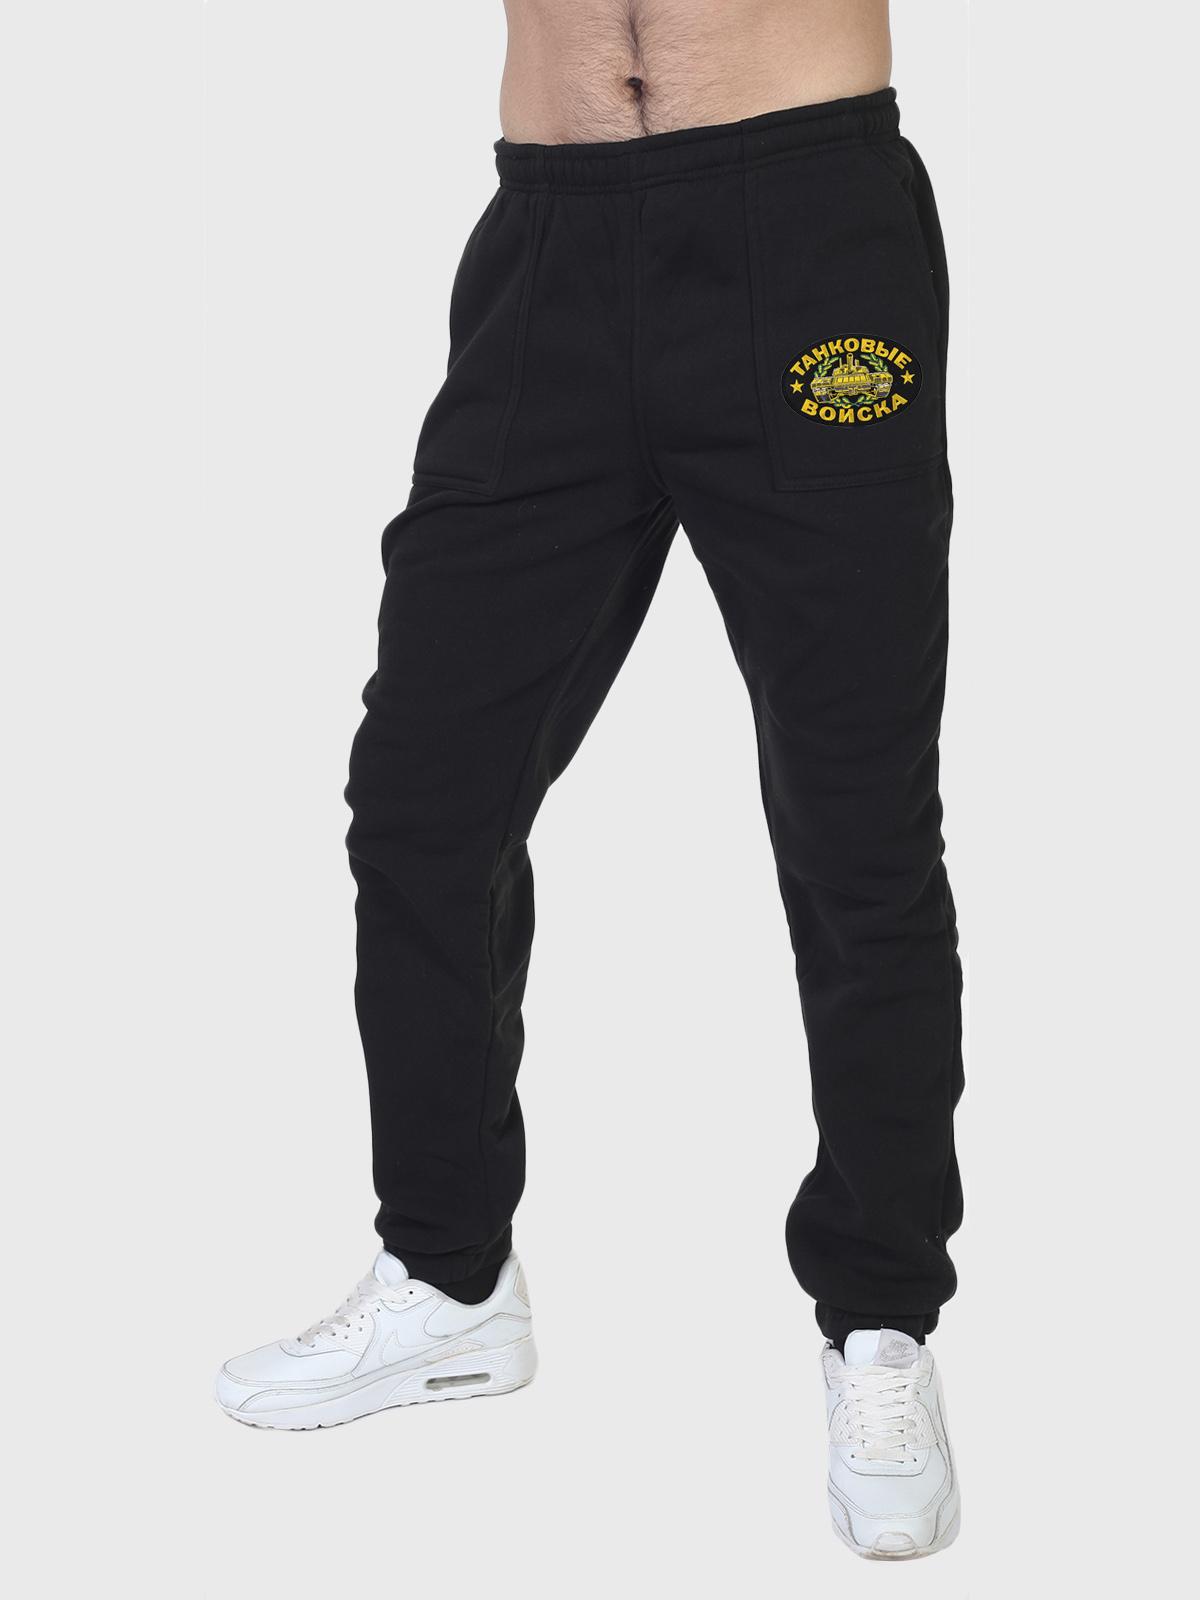 Черные утепленные спортивные штаны танкиста с вышитой нашивкой